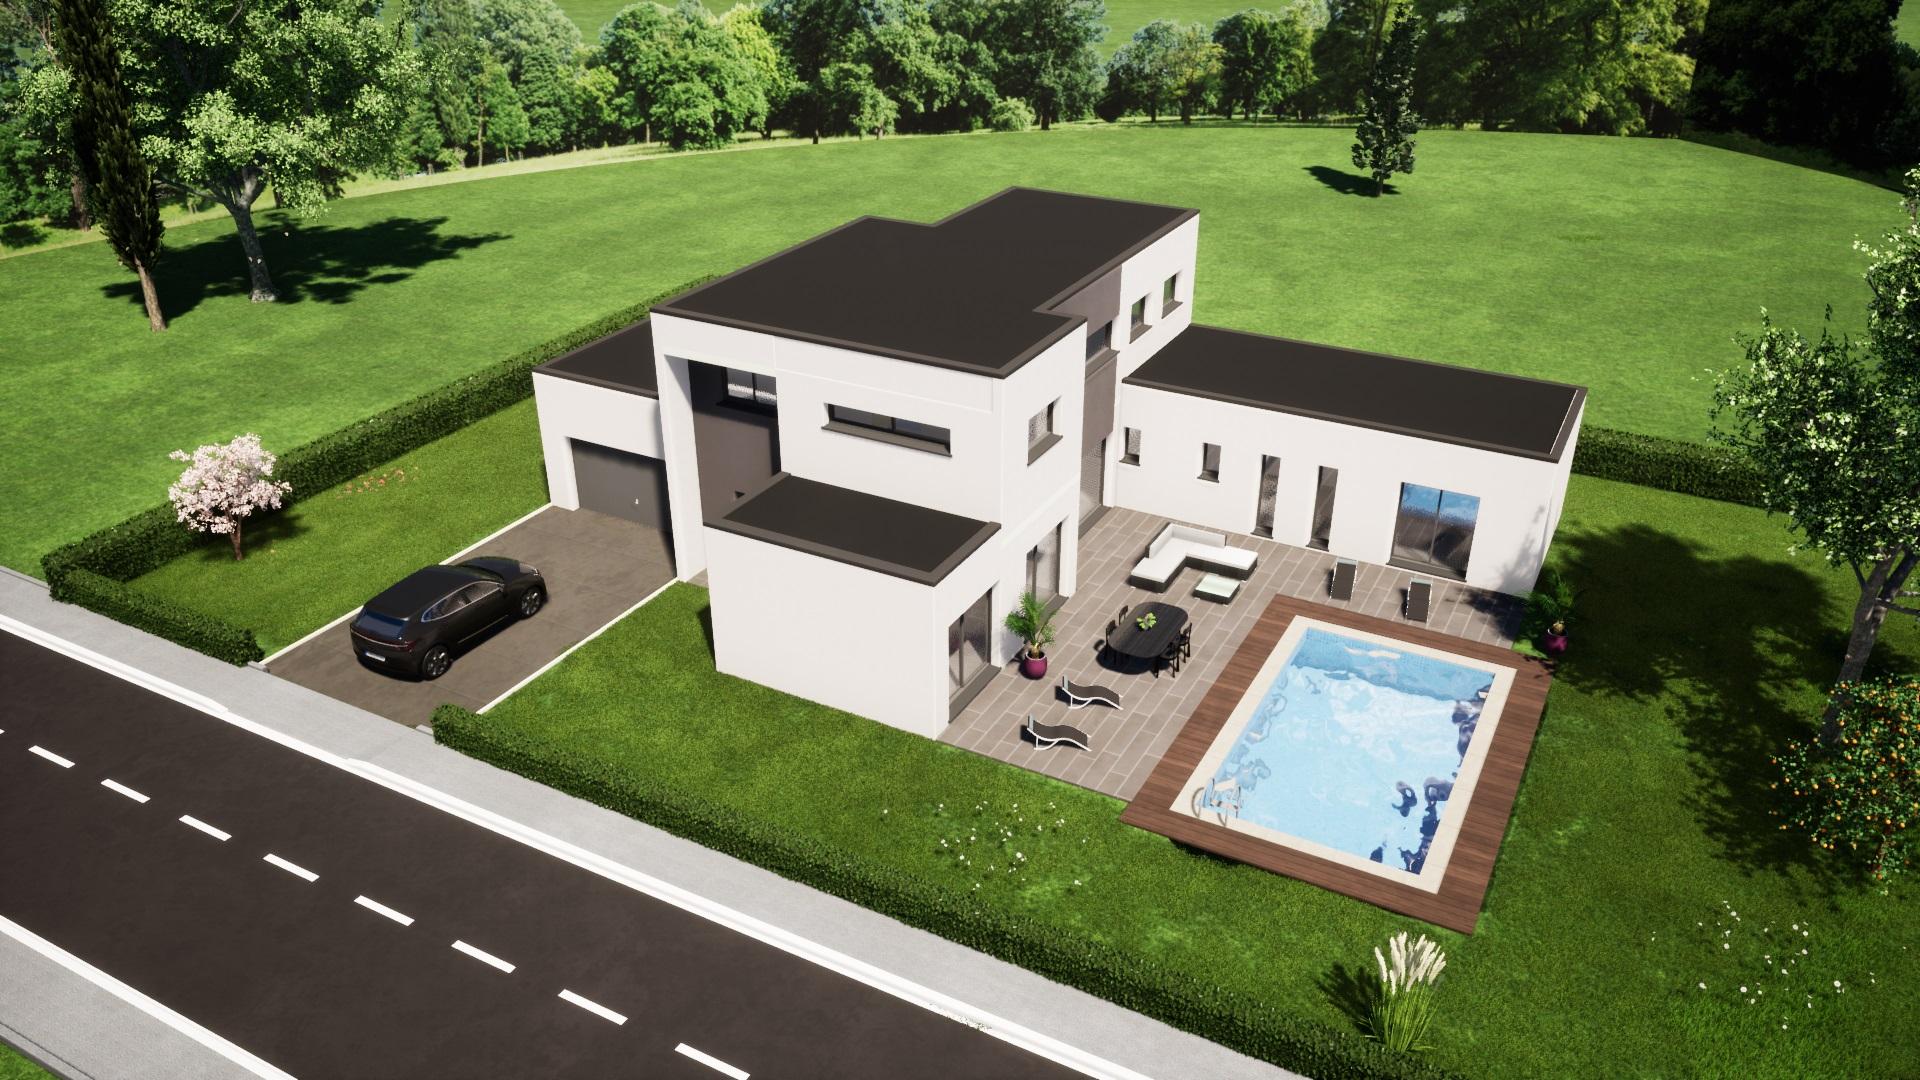 plan maison maison moderne 4 chambres maisons lg le mans maisons lg en sarthe constructeur de maison individuelle maison louplande dessus